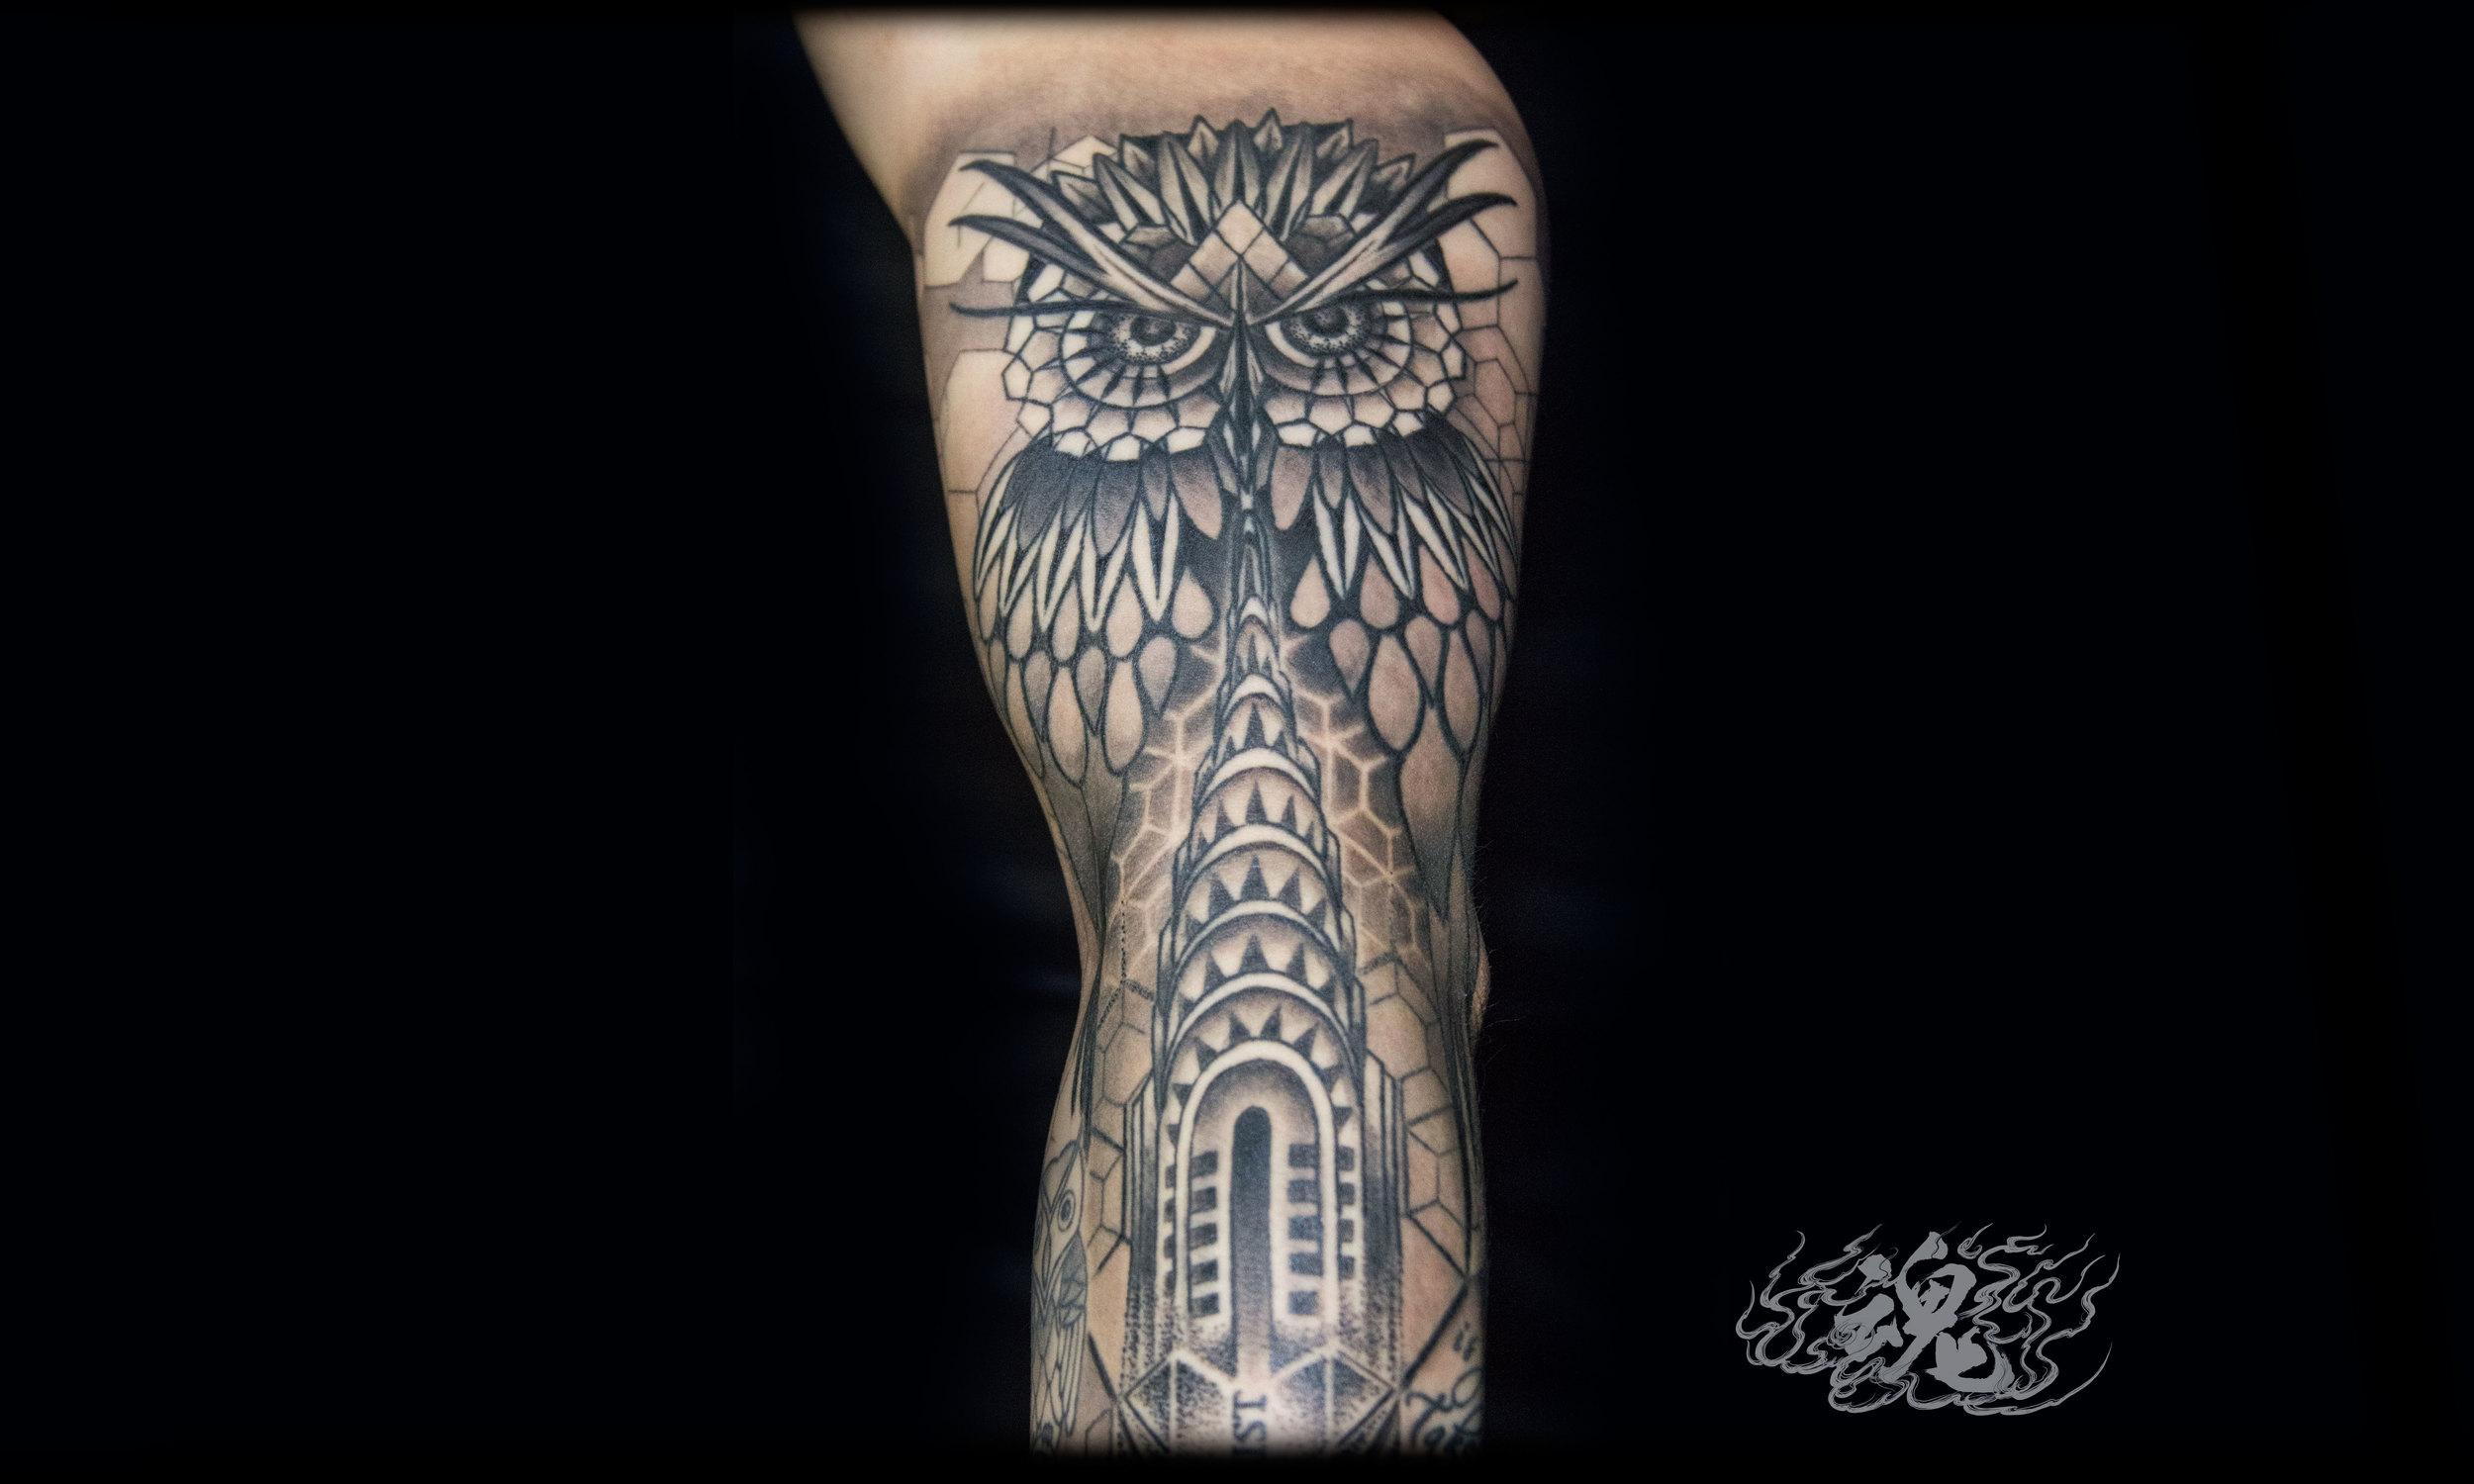 Vagrant_Souls_NYC_Geometric_Owl_Brooklyn_Tattoo_2.jpg